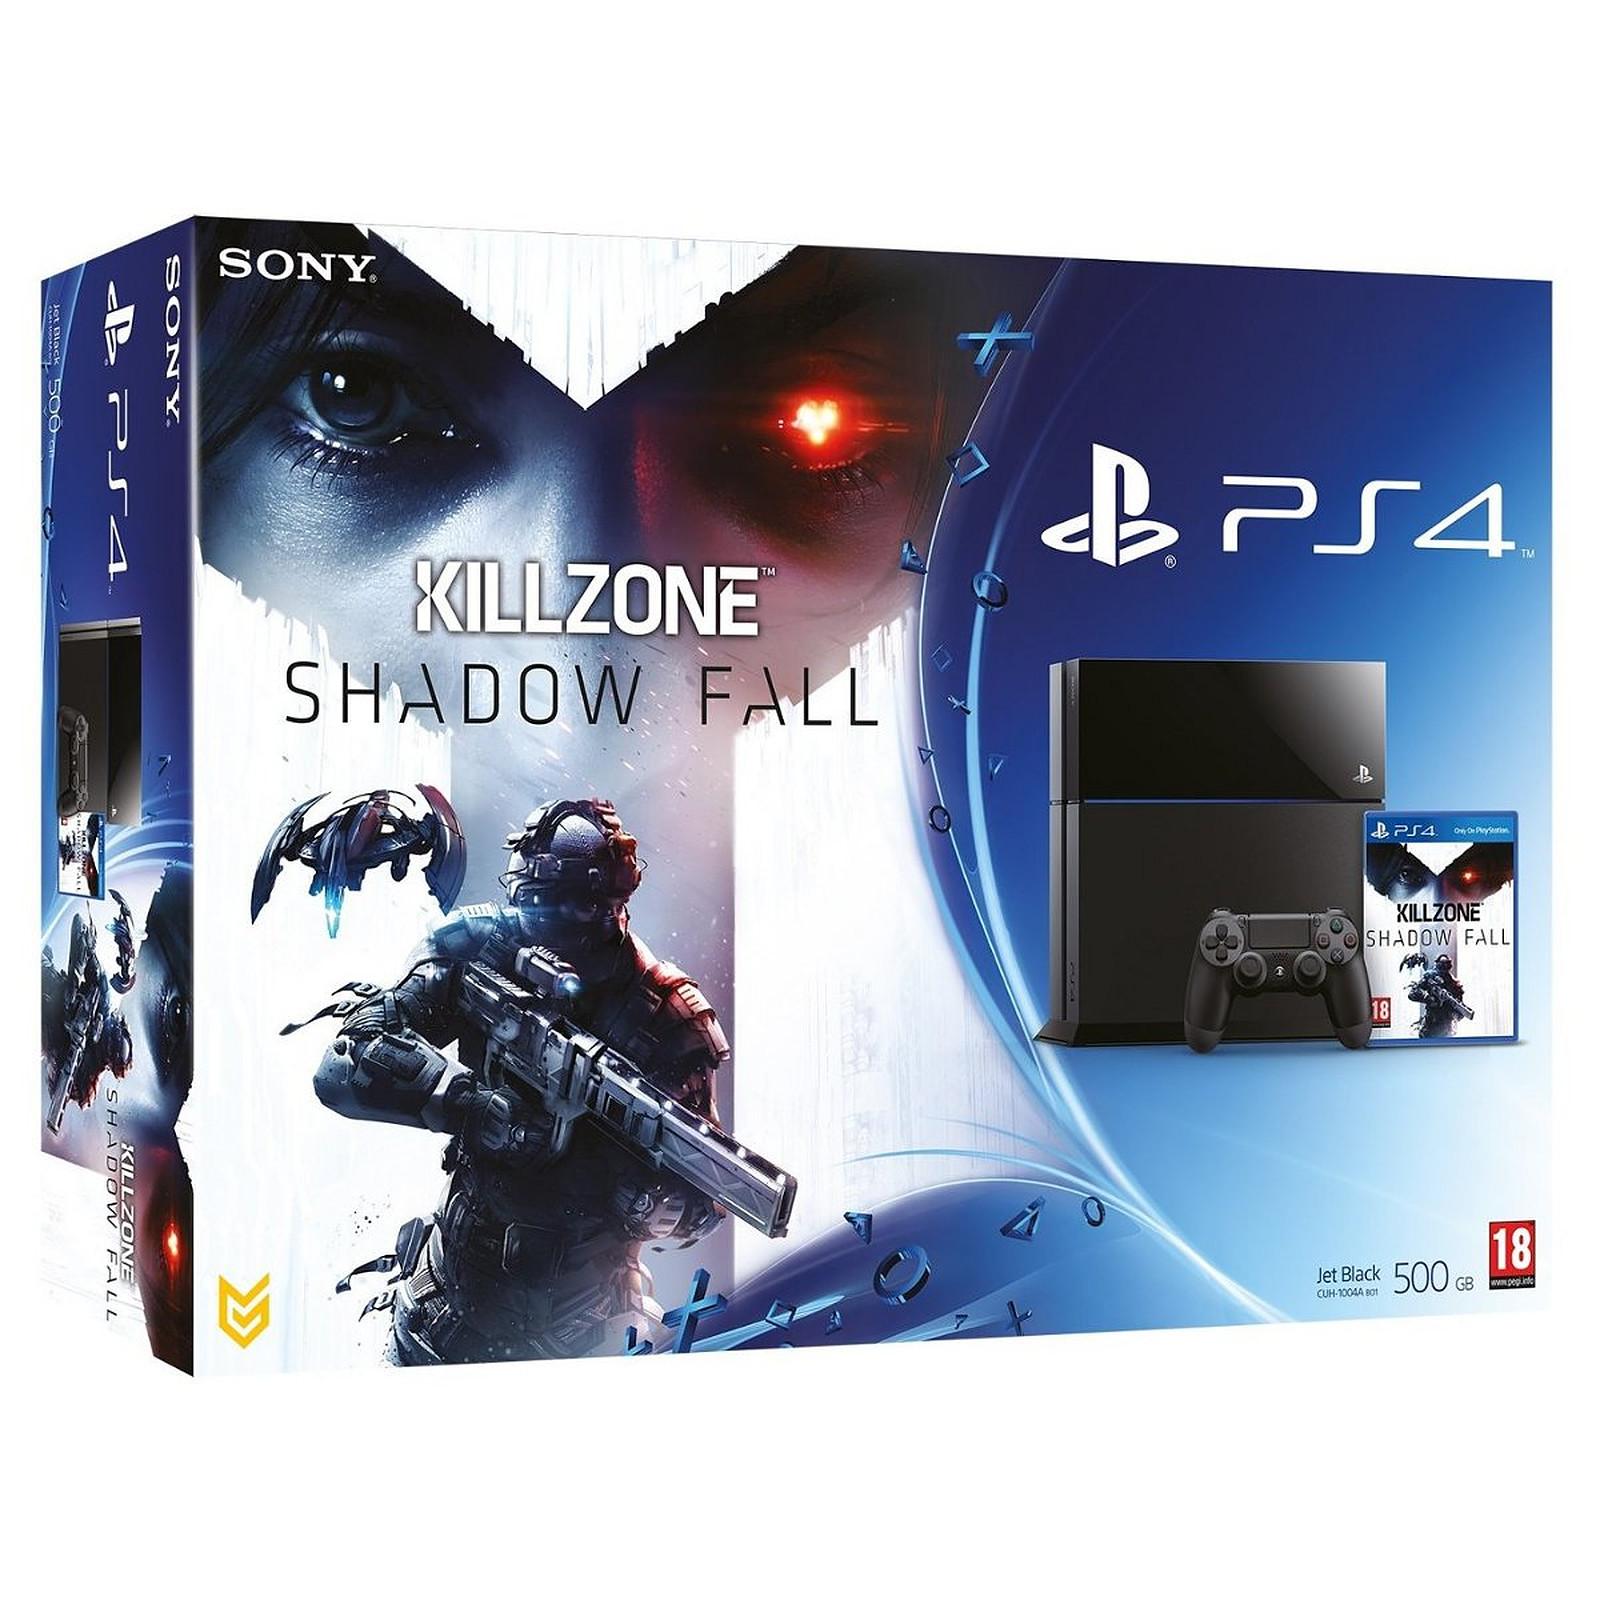 Sony PlayStation 4 + Killzone: Shadow Fall